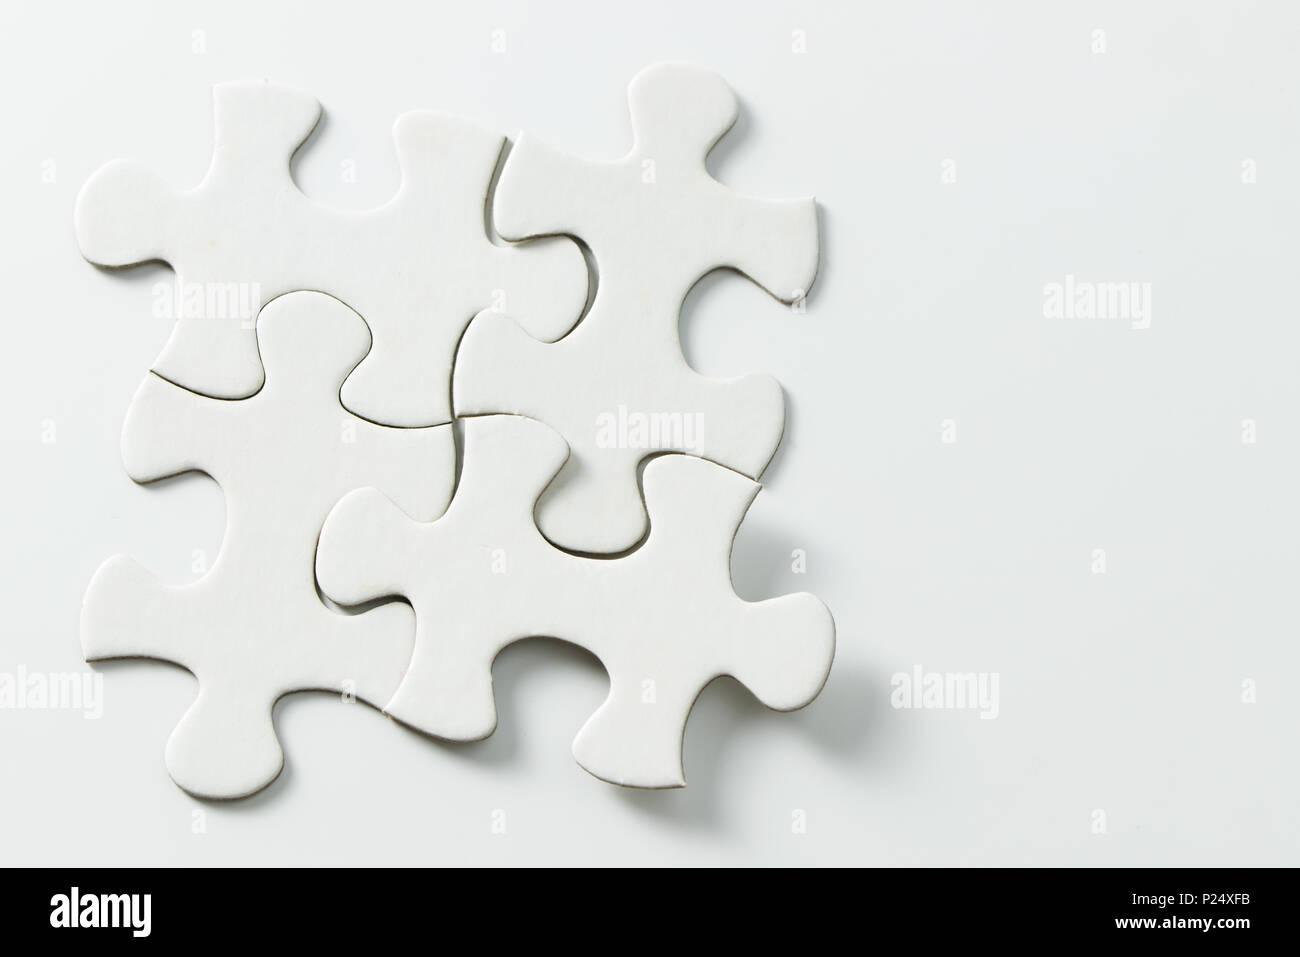 Puzzle Pieces 4 Imágenes De Stock & Puzzle Pieces 4 Fotos De Stock ...